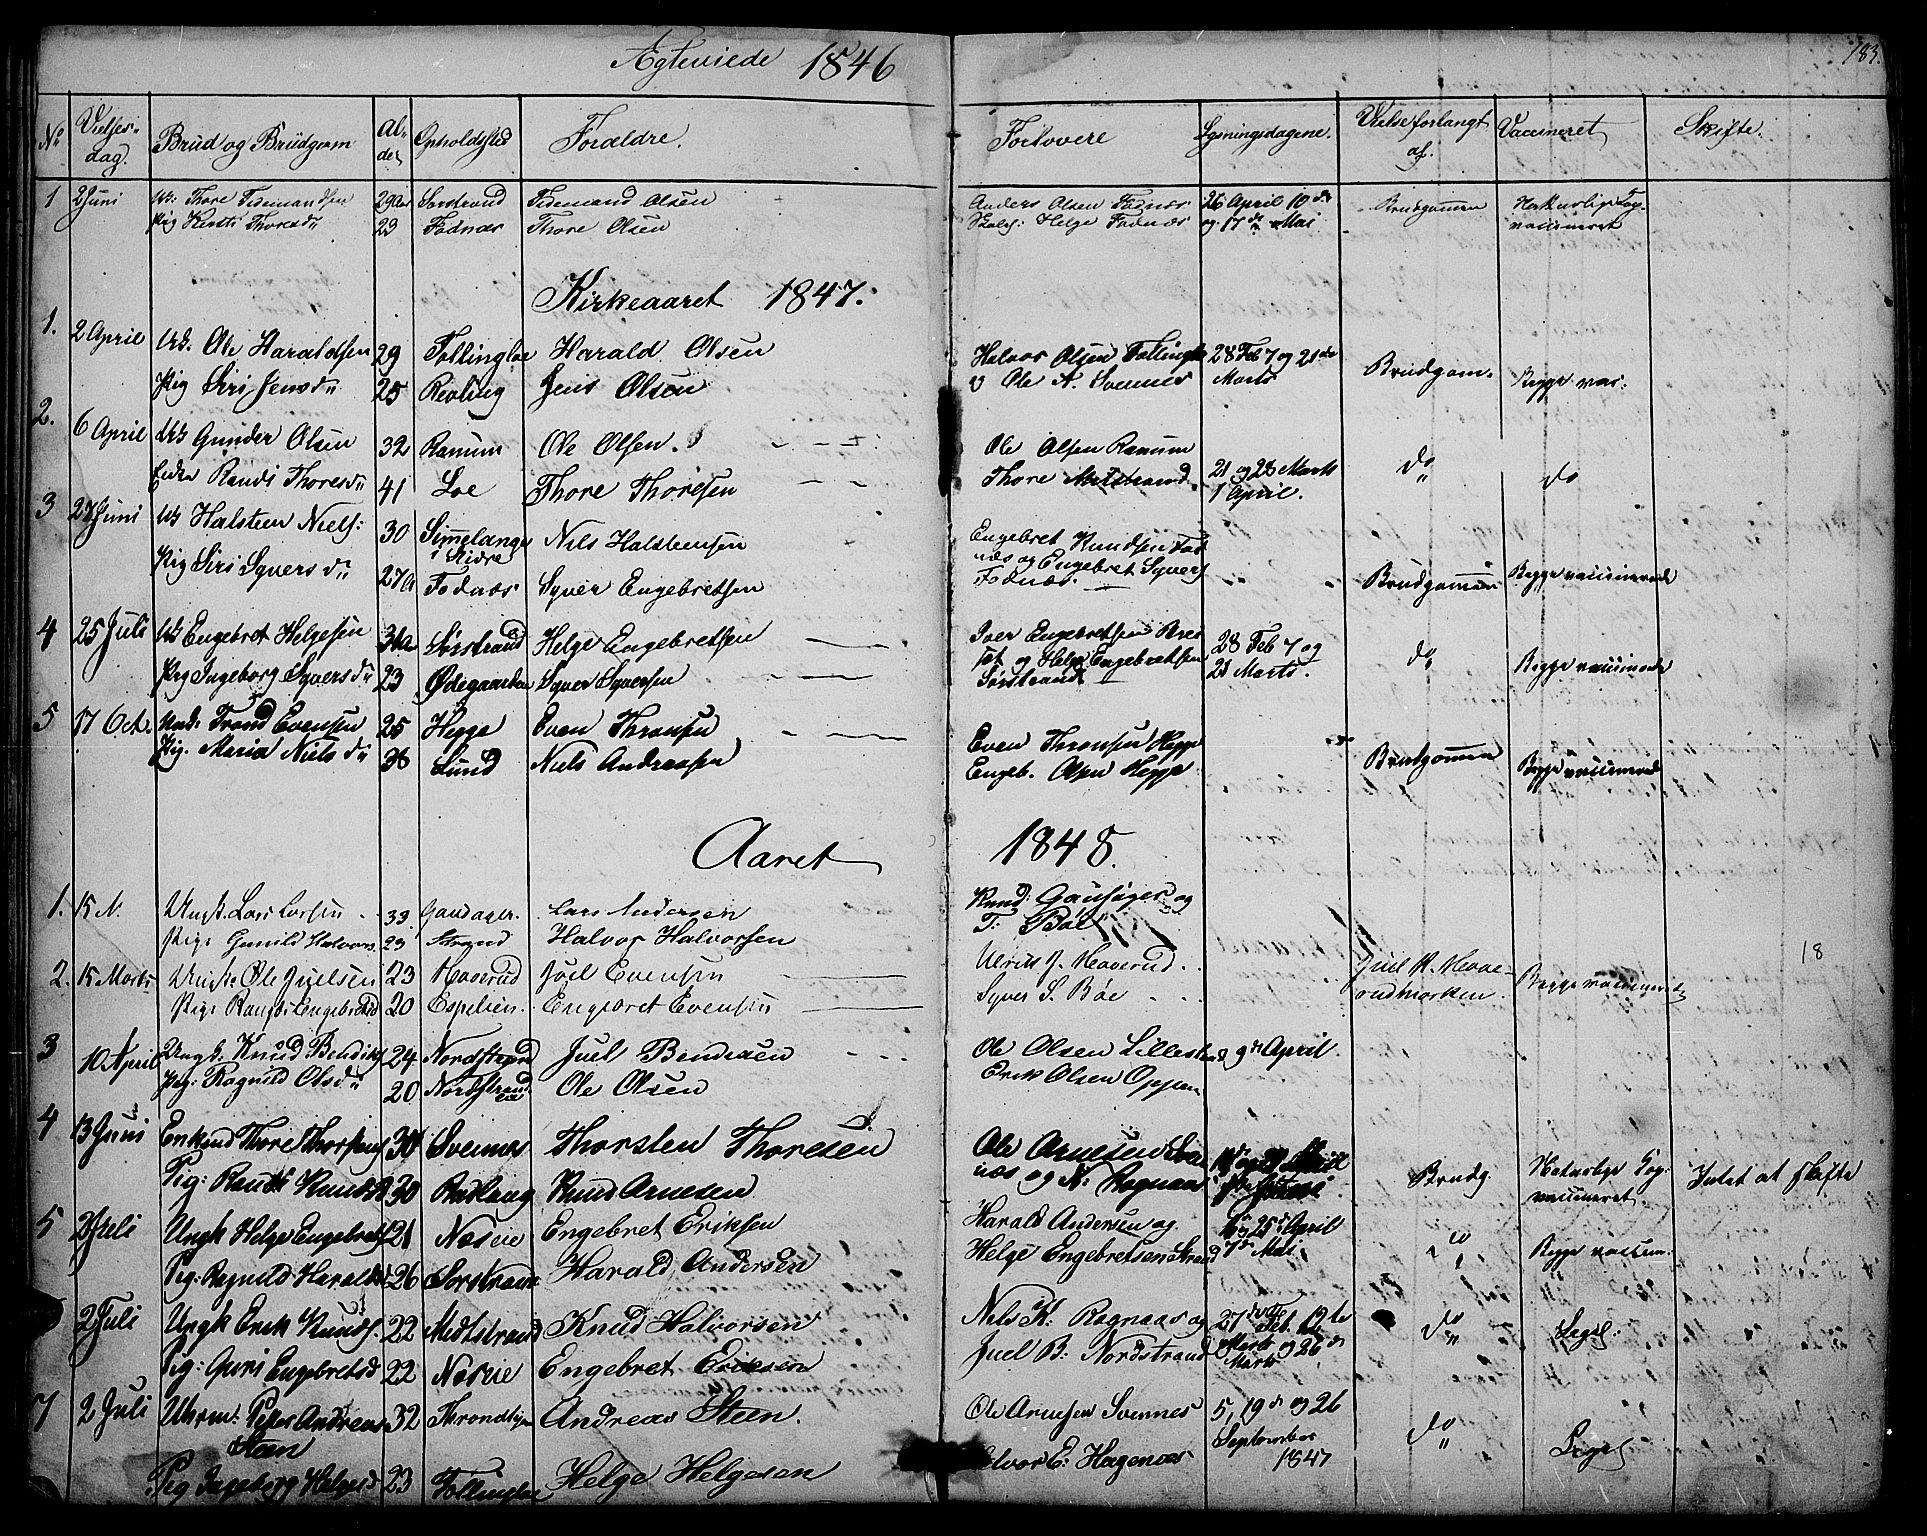 SAH, Nord-Aurdal prestekontor, Klokkerbok nr. 3, 1842-1882, s. 183